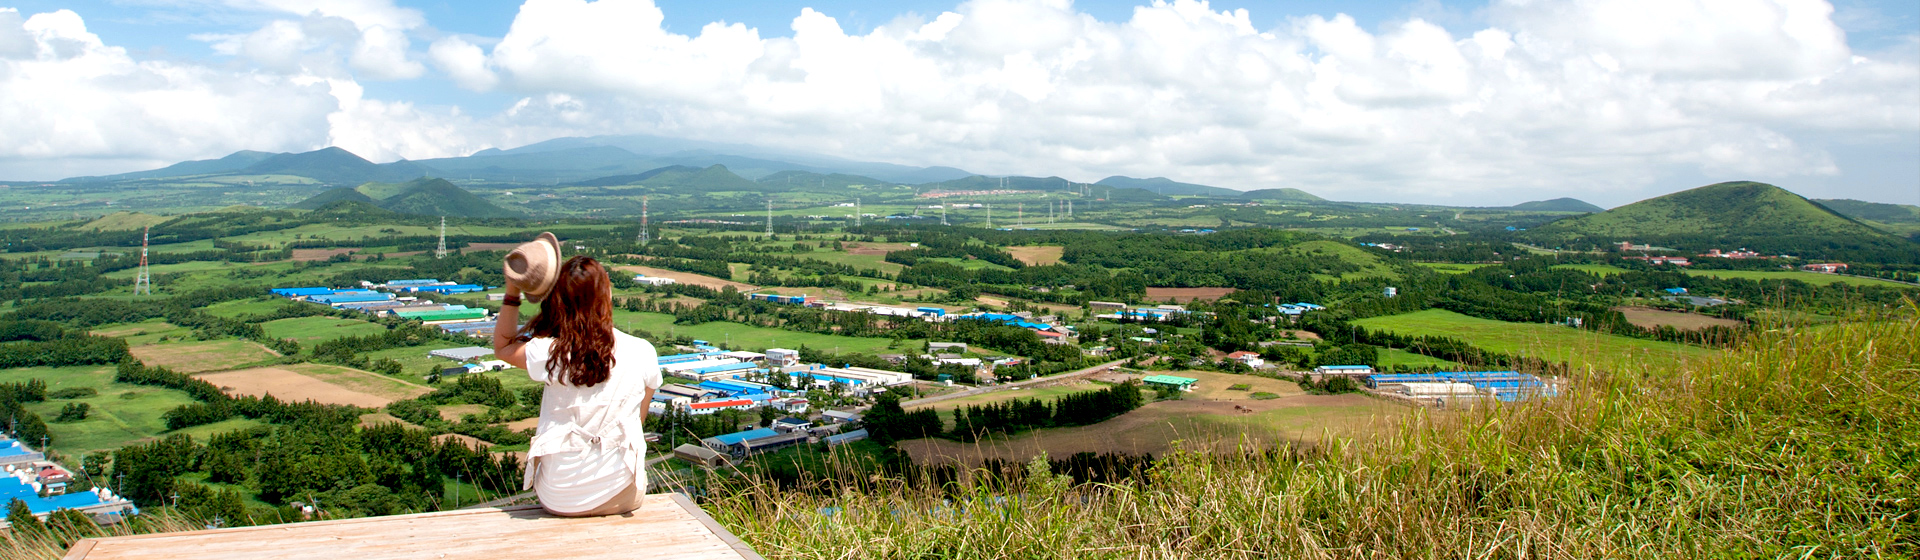 Jeju-Island-Scenery